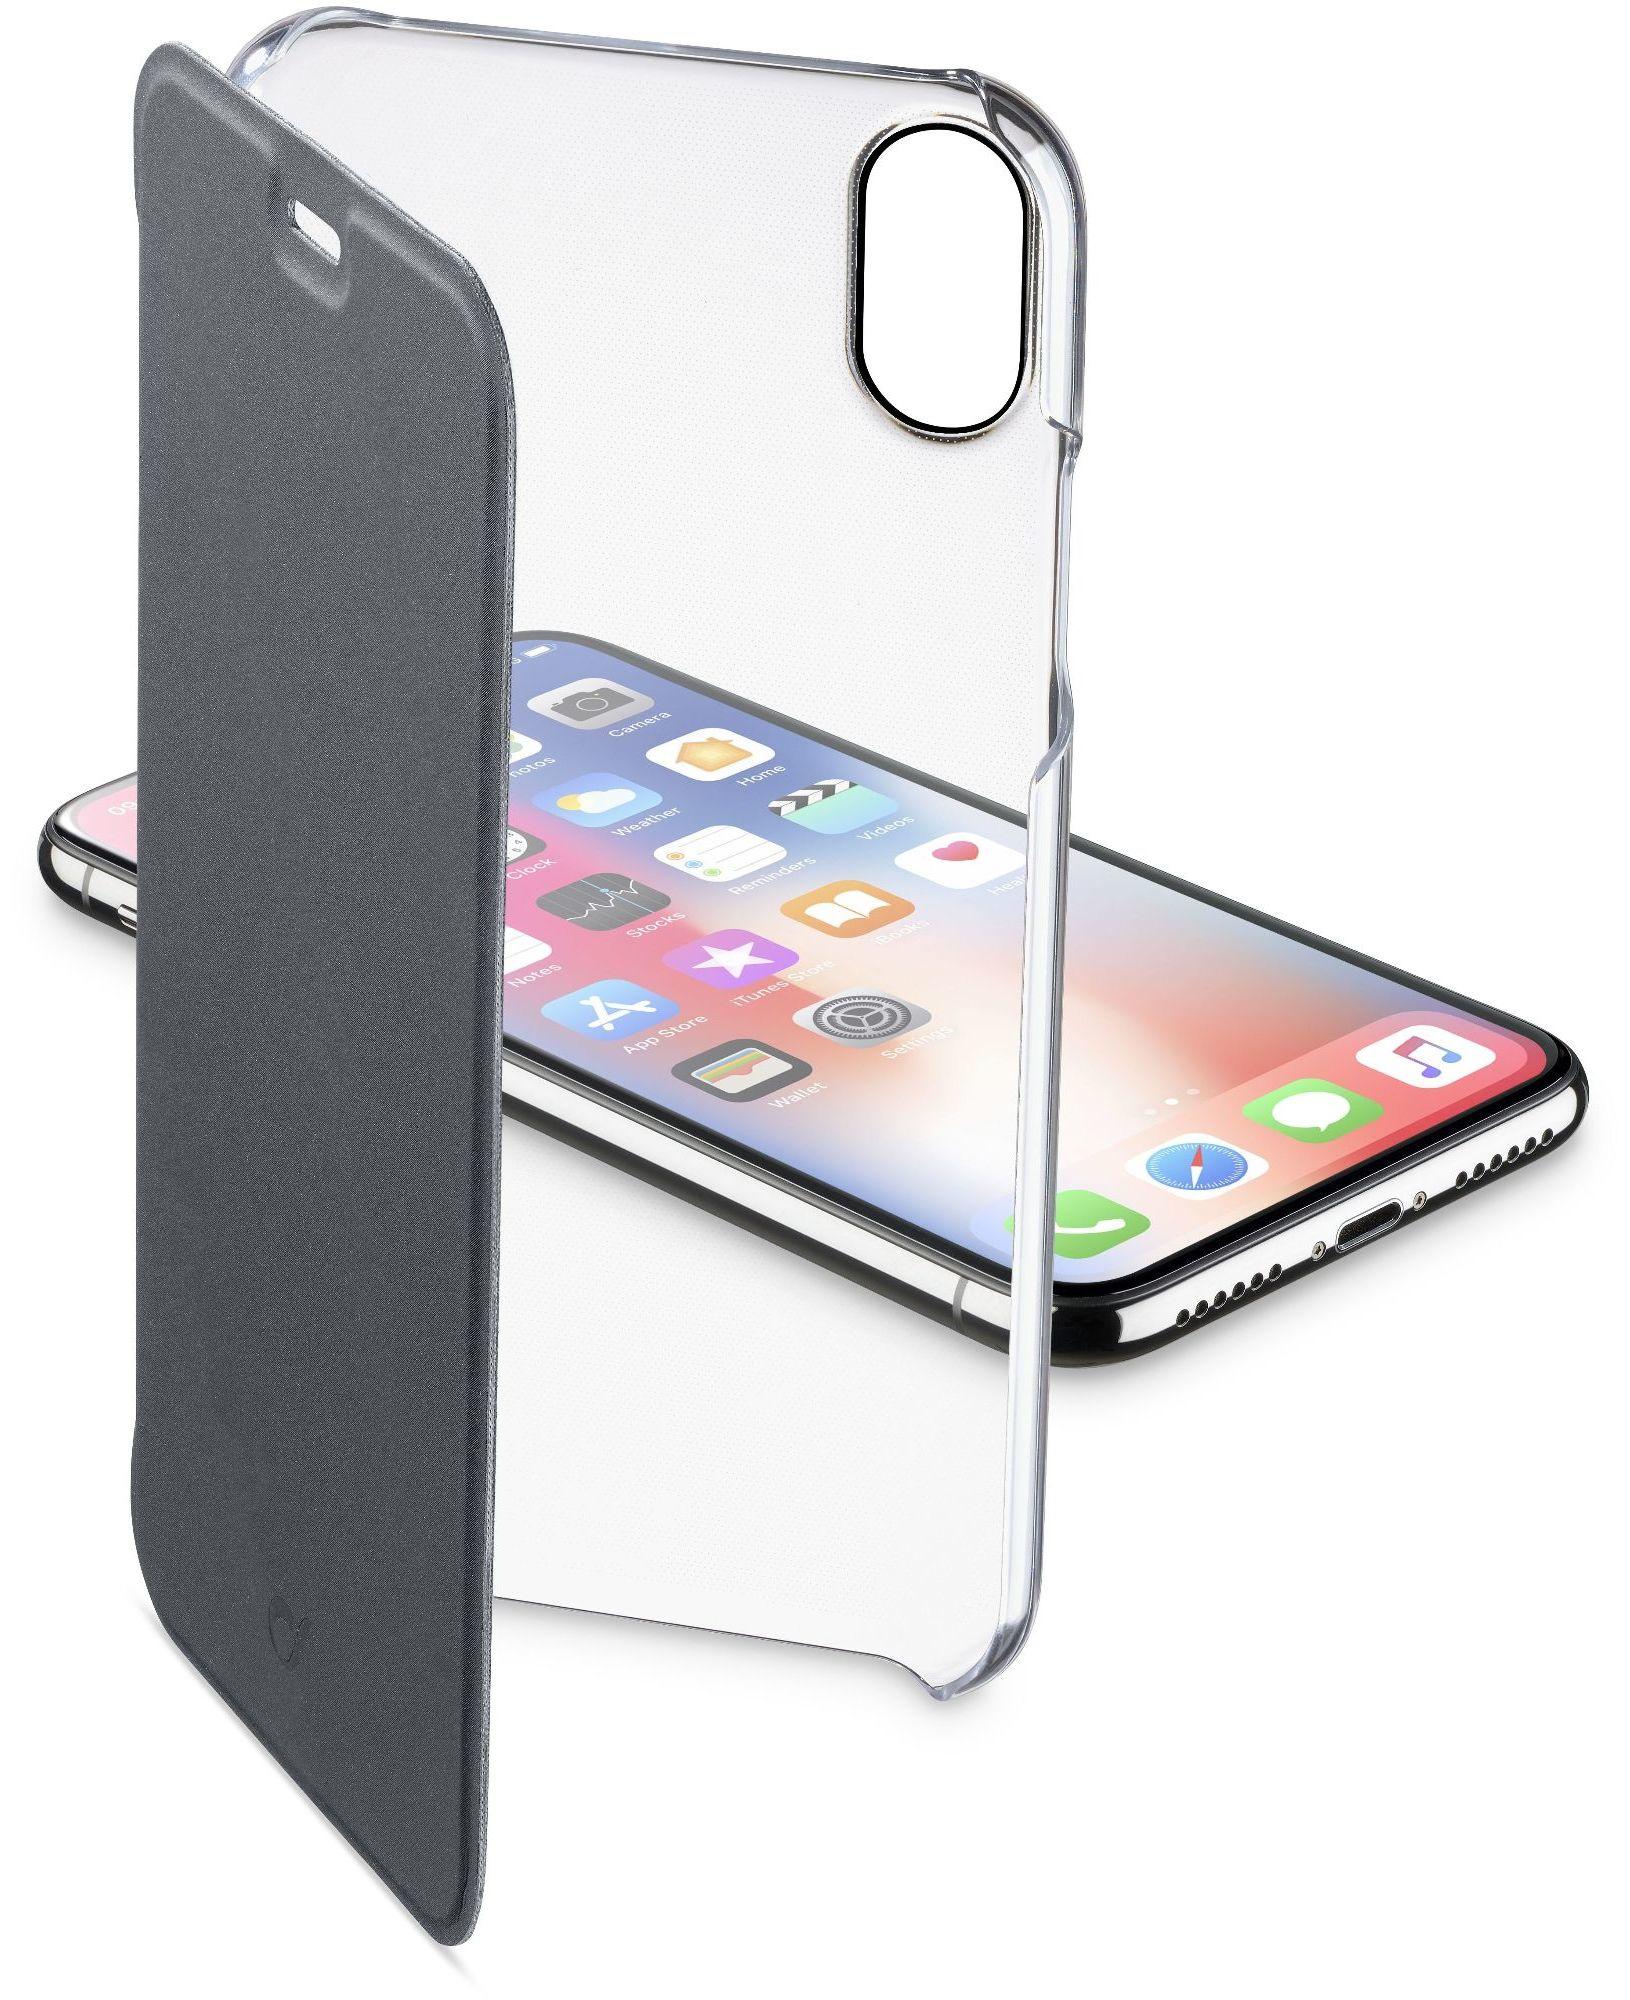 Cellular Line Custodia a libro rigida con back trasparente e sportellino colorato iPhone XS/X - Clearbookiph8xk